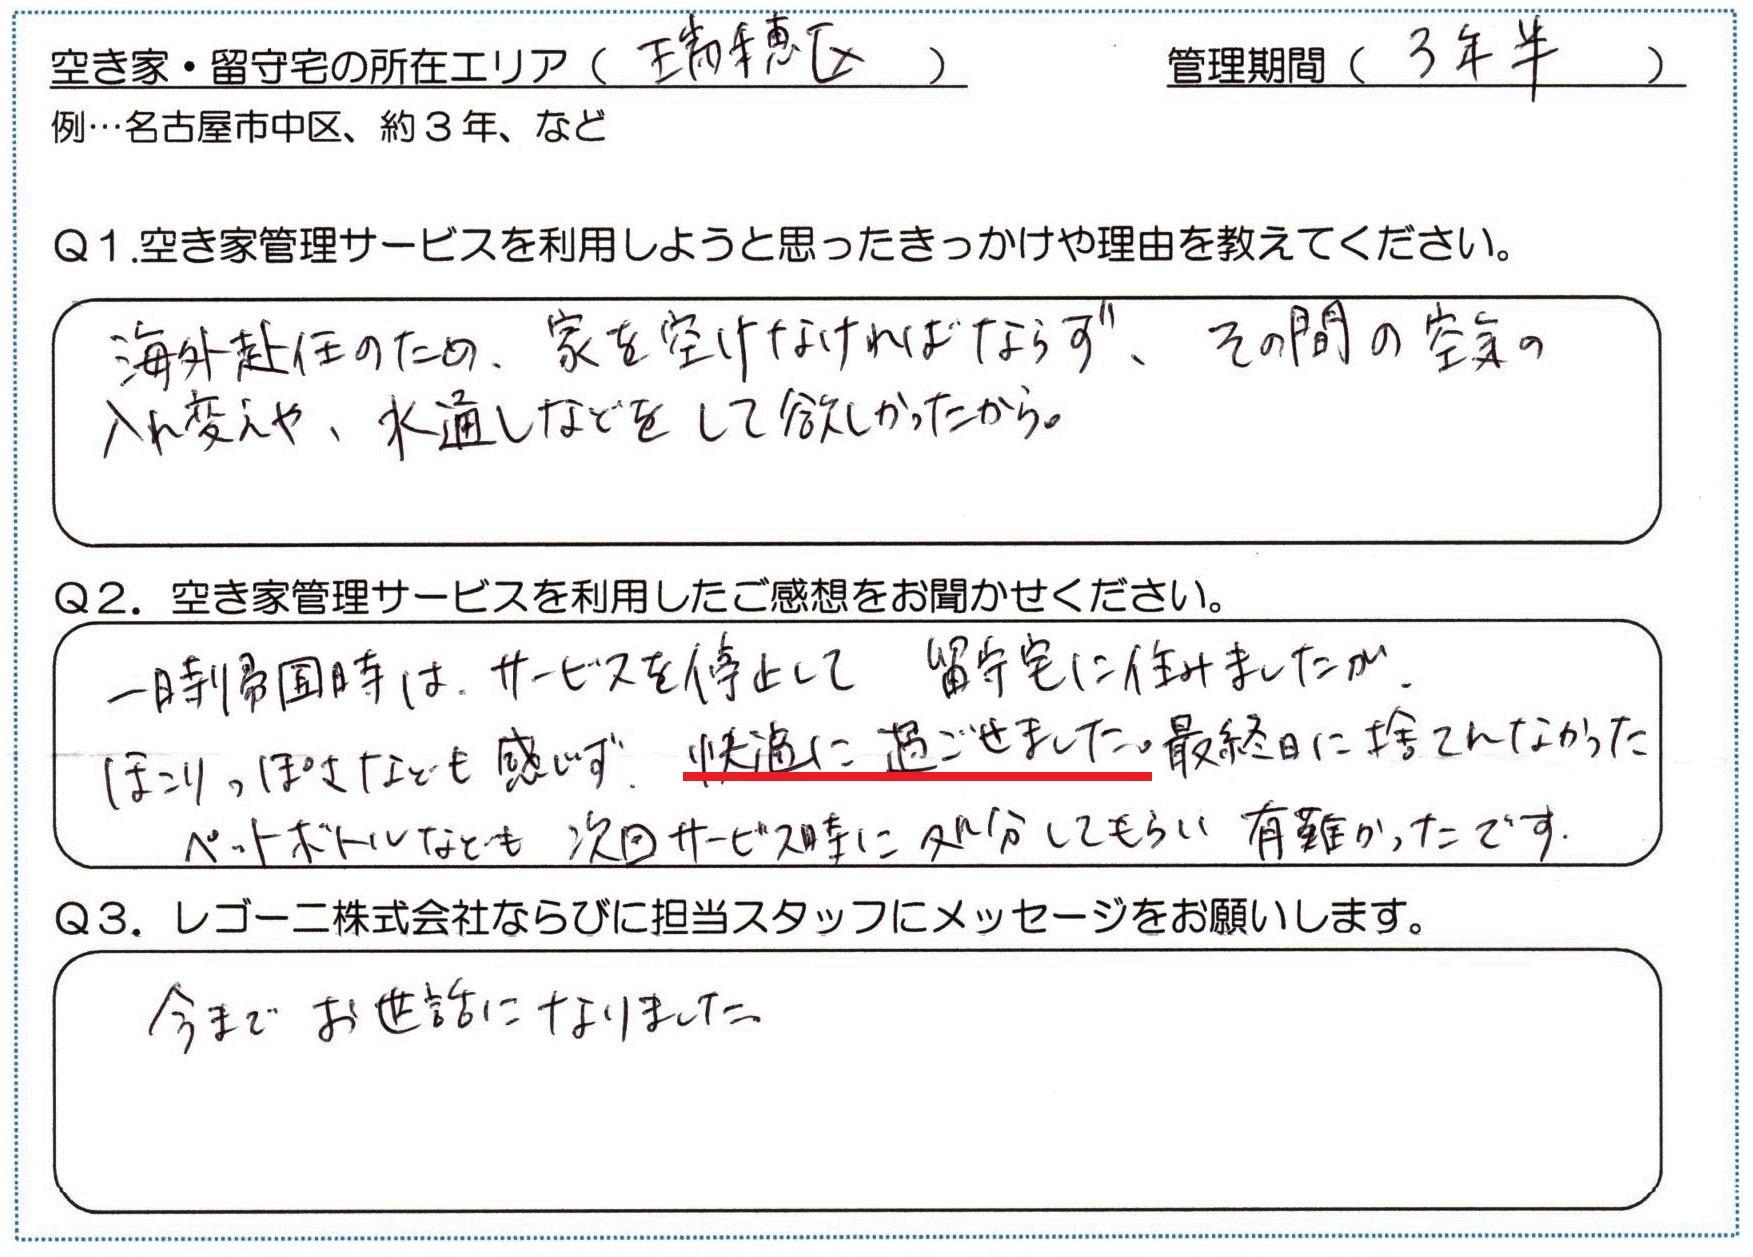 アンケート回答 安藤様 切抜き -ブログ用